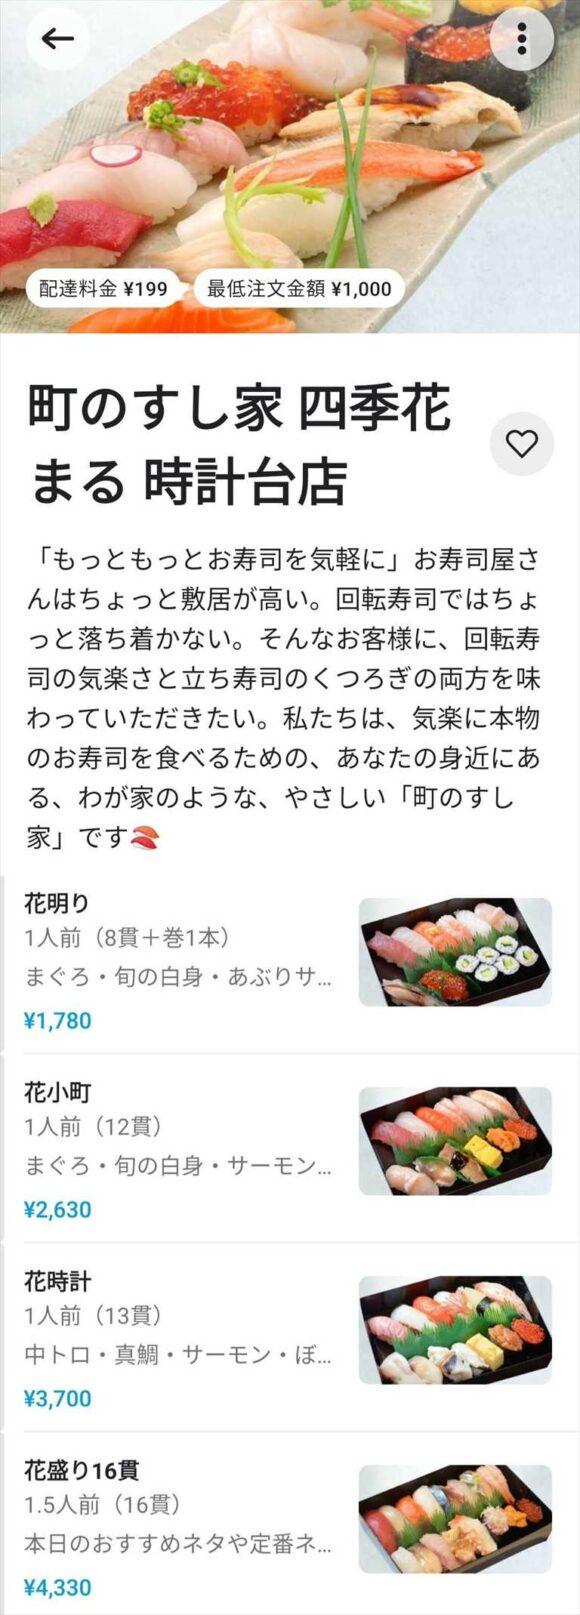 四季花まるのWolt紹介ページ